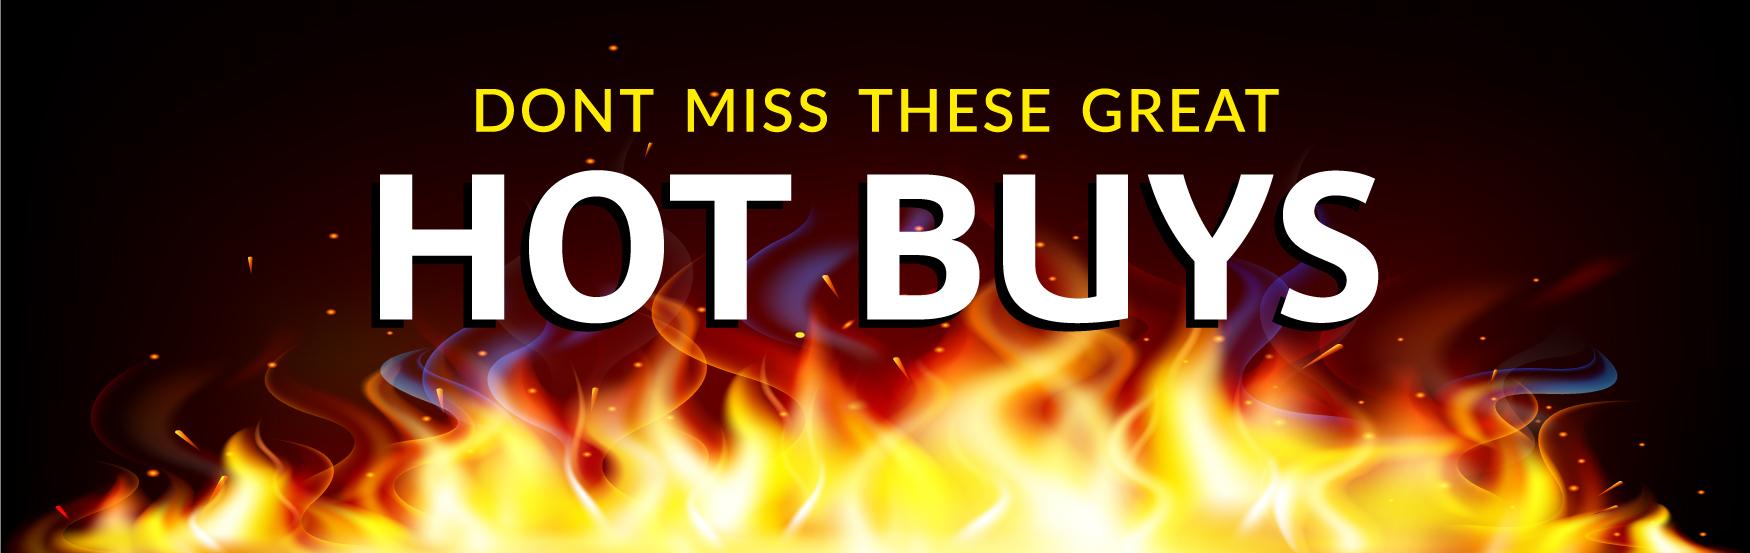 Hot Buy Banner